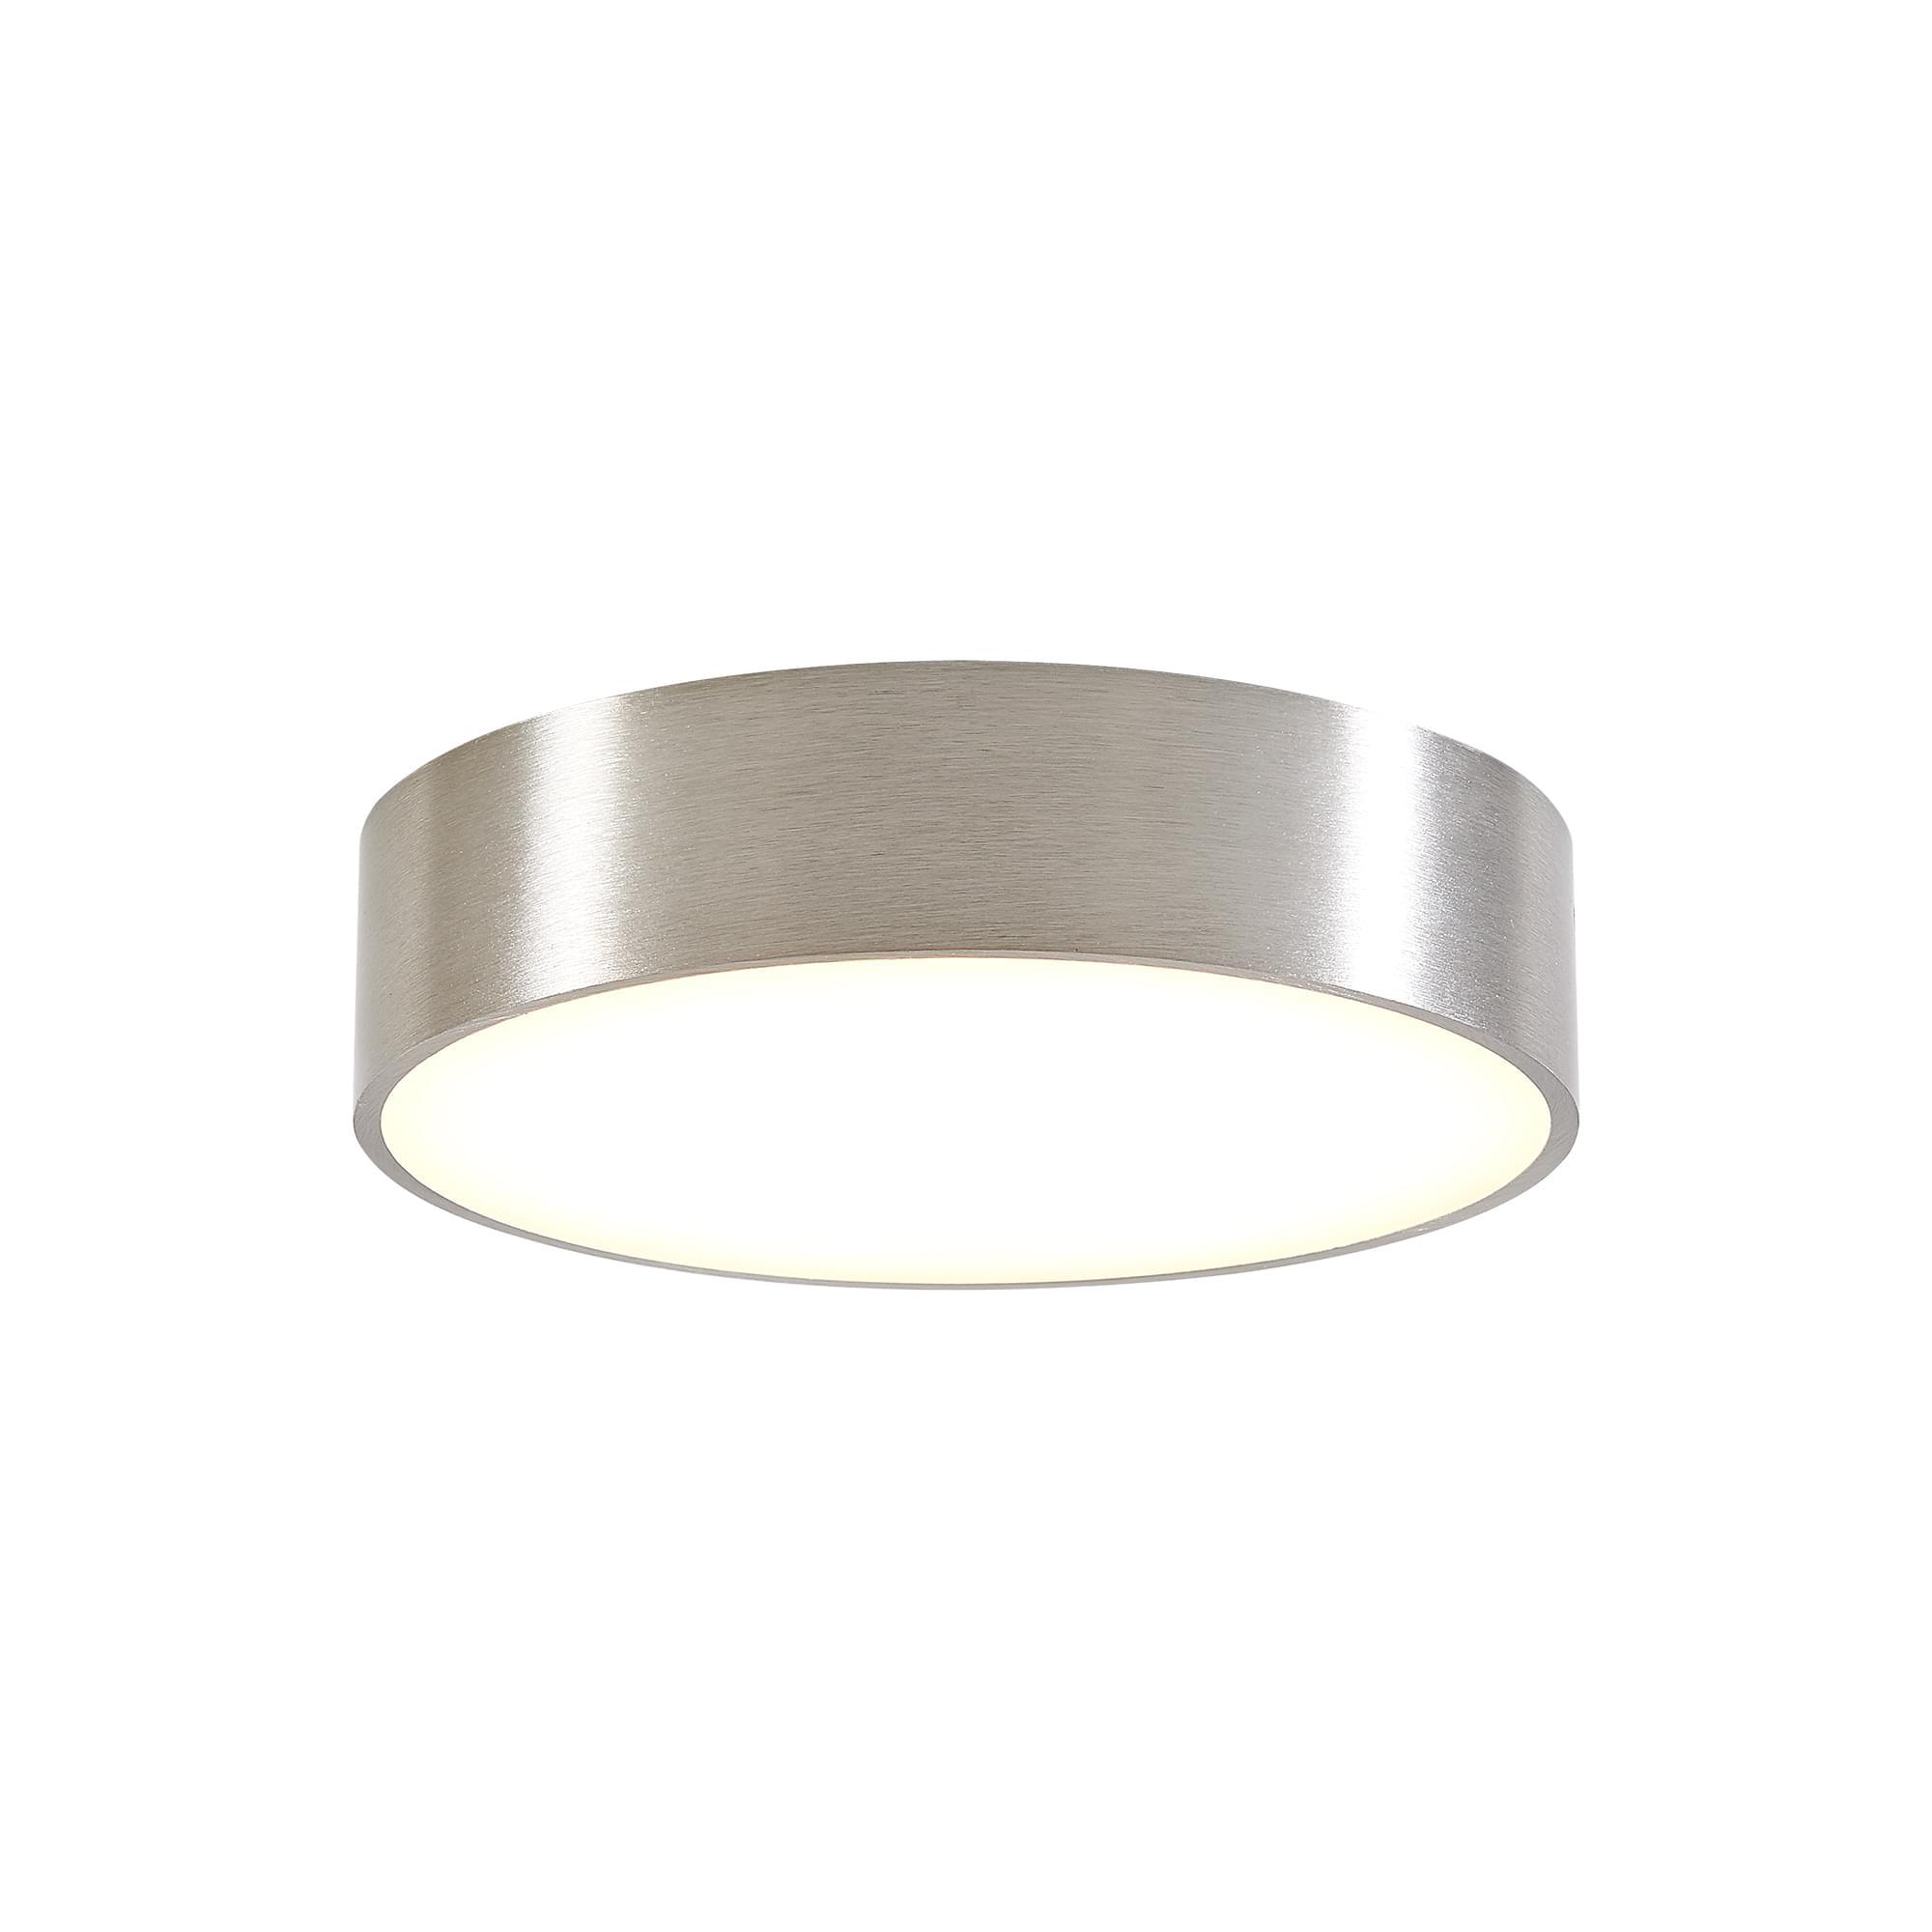 Потолочные светильники CL712181N Тао Citilux